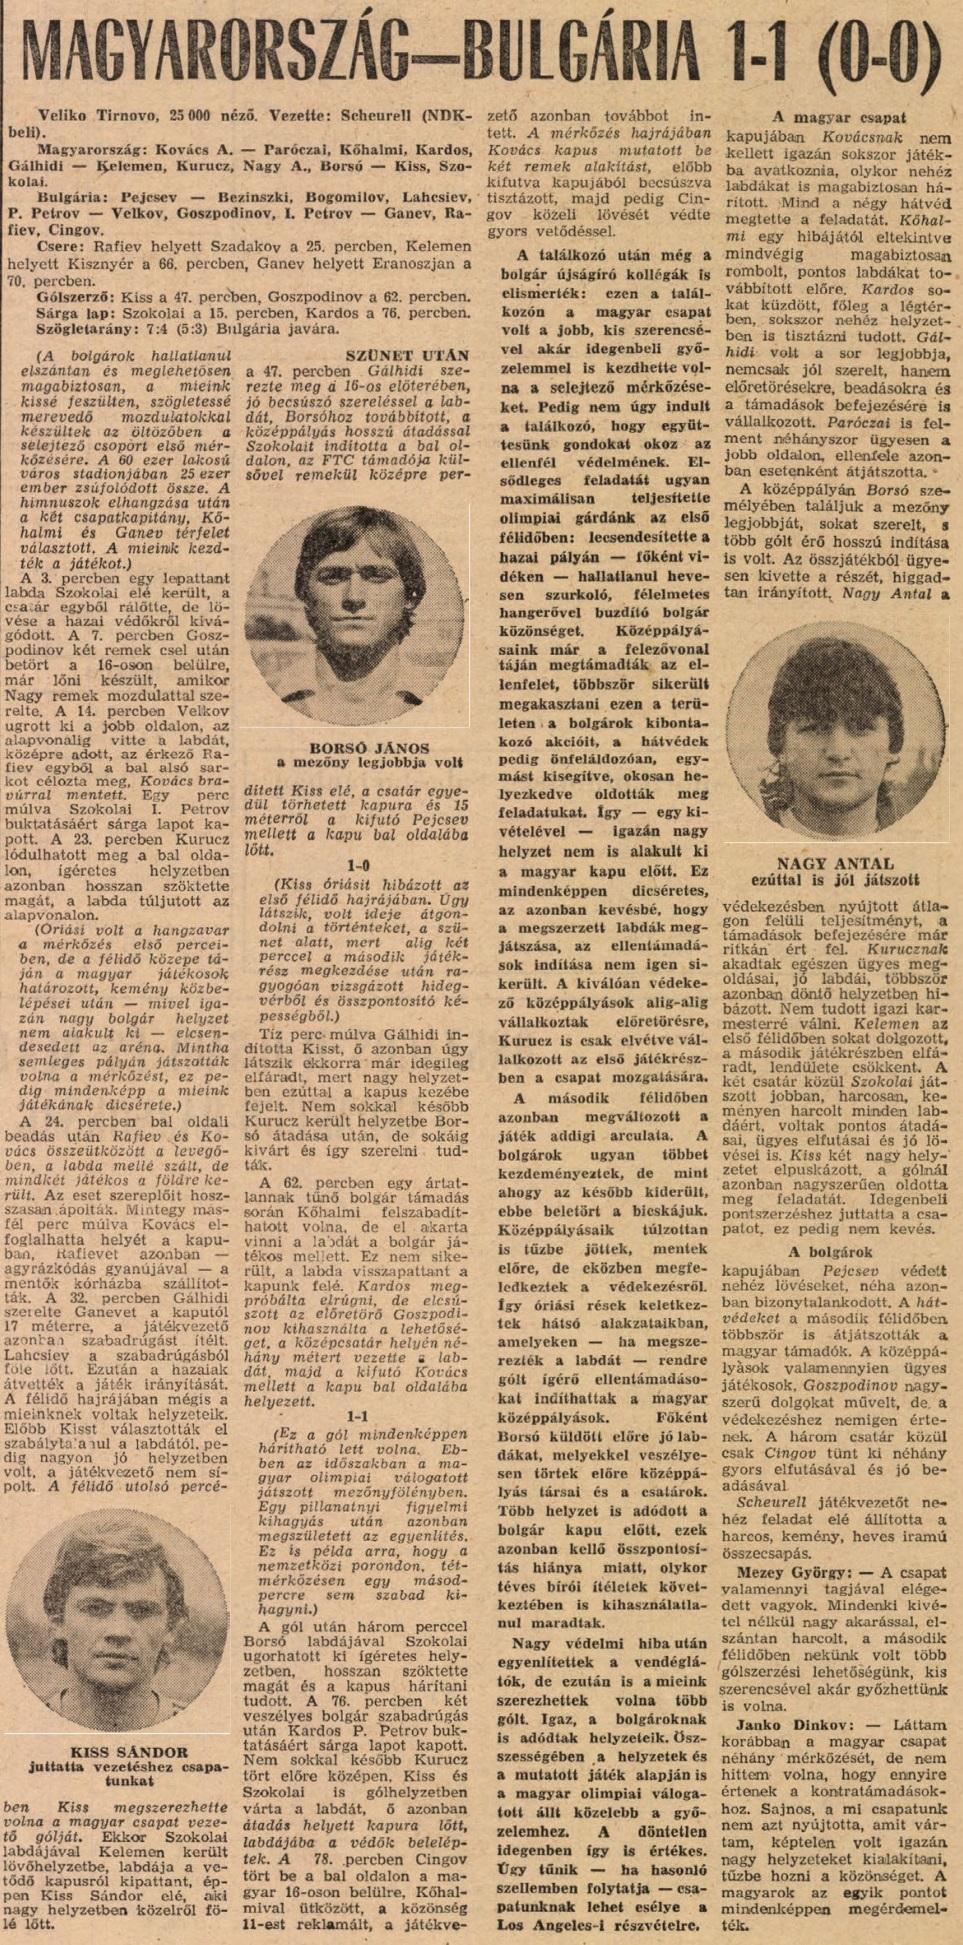 idokapszula_nb_i_1982_83_luxemburg_magyarorszag_eb-selejtezo_bulgaria_magyarorszag.jpg